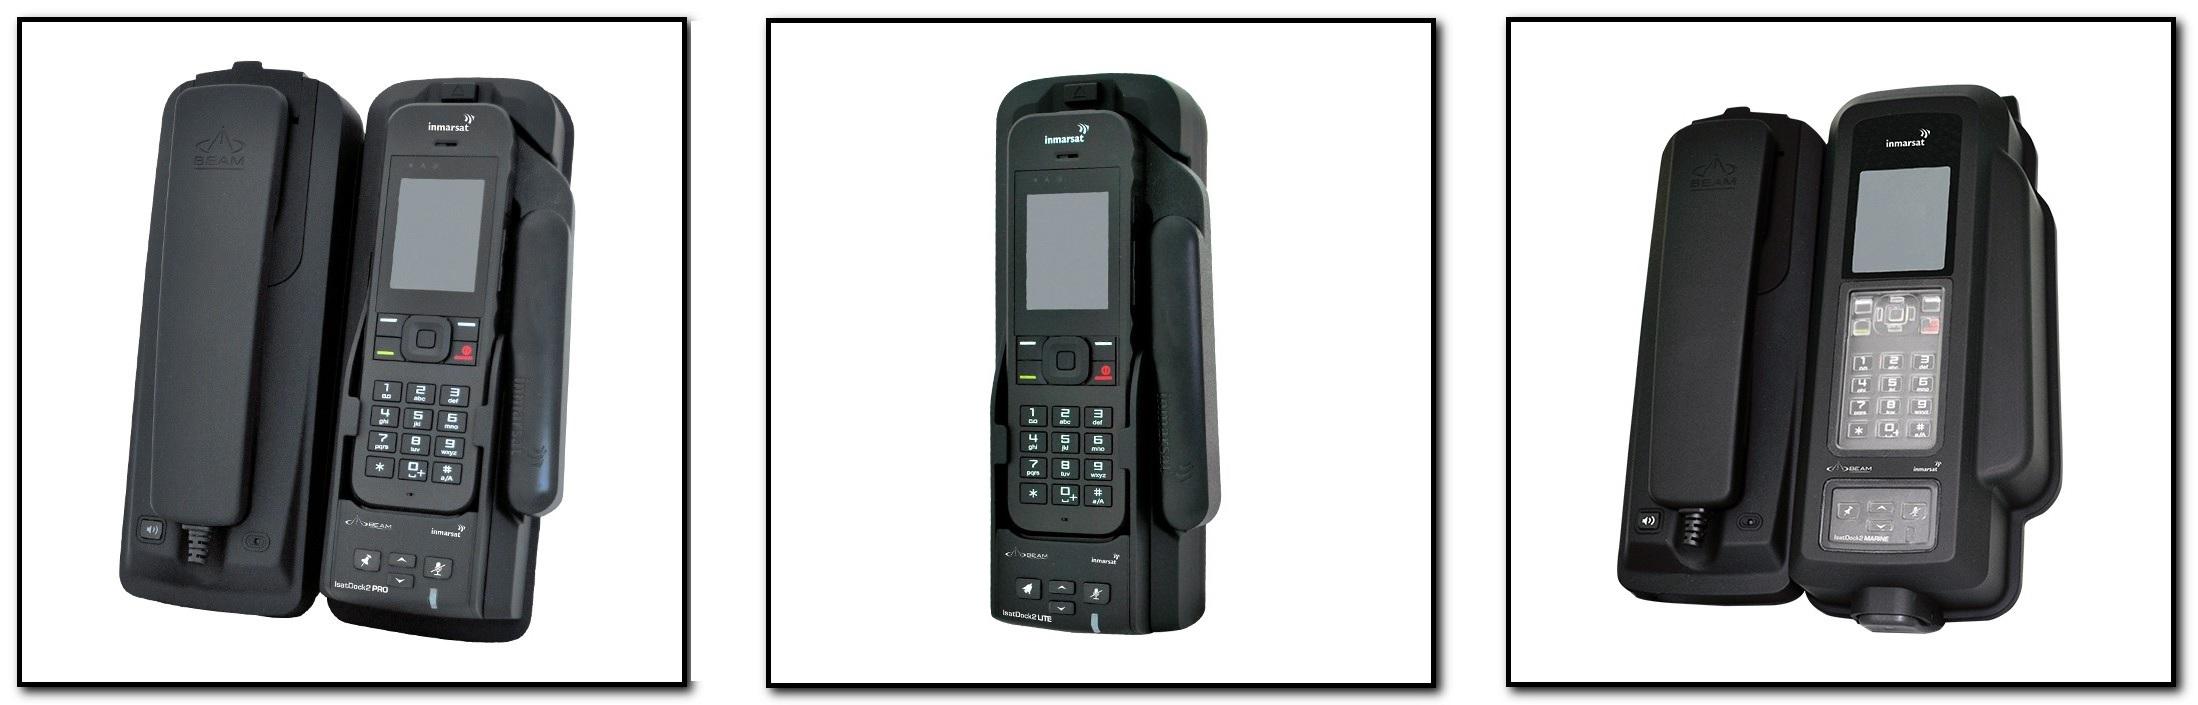 Basisstationen für Inmarsat Satellitentelefone